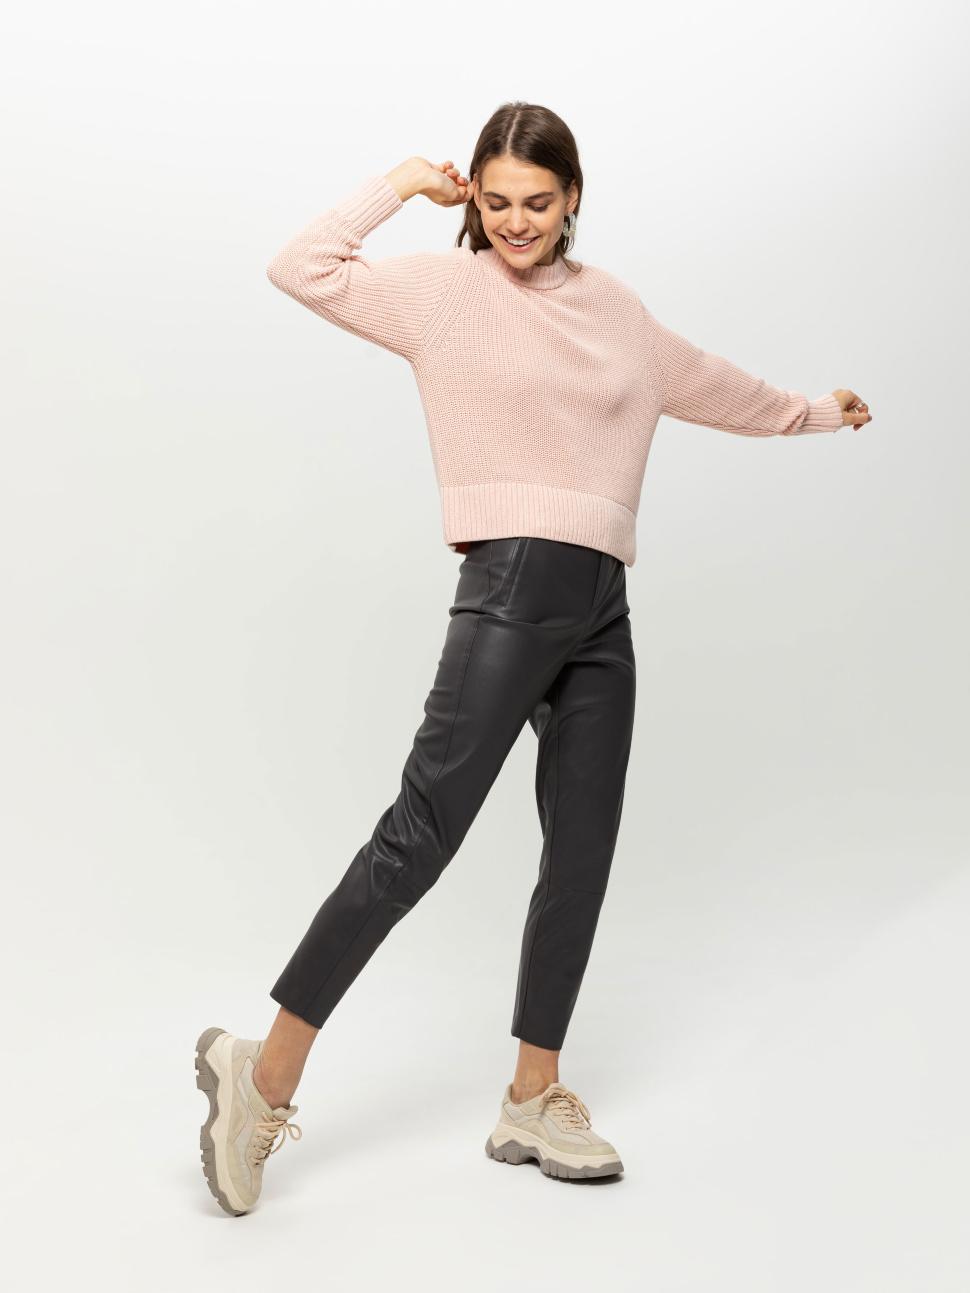 Джемпер женский цвет: светло-розовый, артикул: 0809010606 - купить в интернет-магазине sela